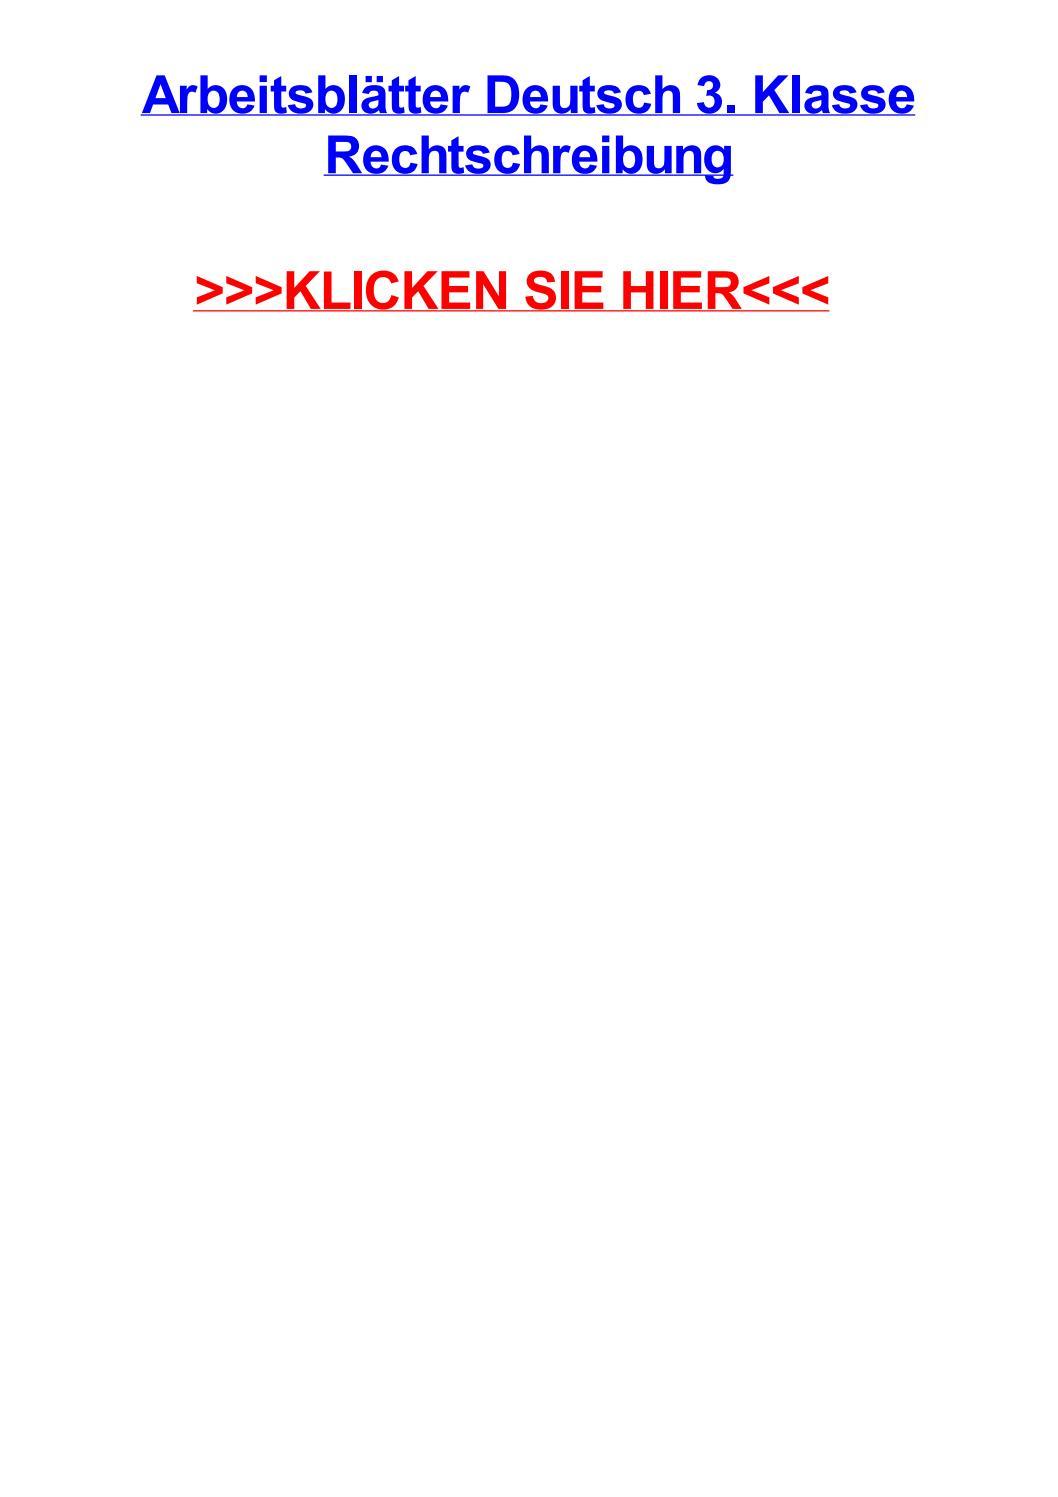 Arbeitsbltter deutsch 3 klasse rechtschreibung by elizabethqbhq - issuu